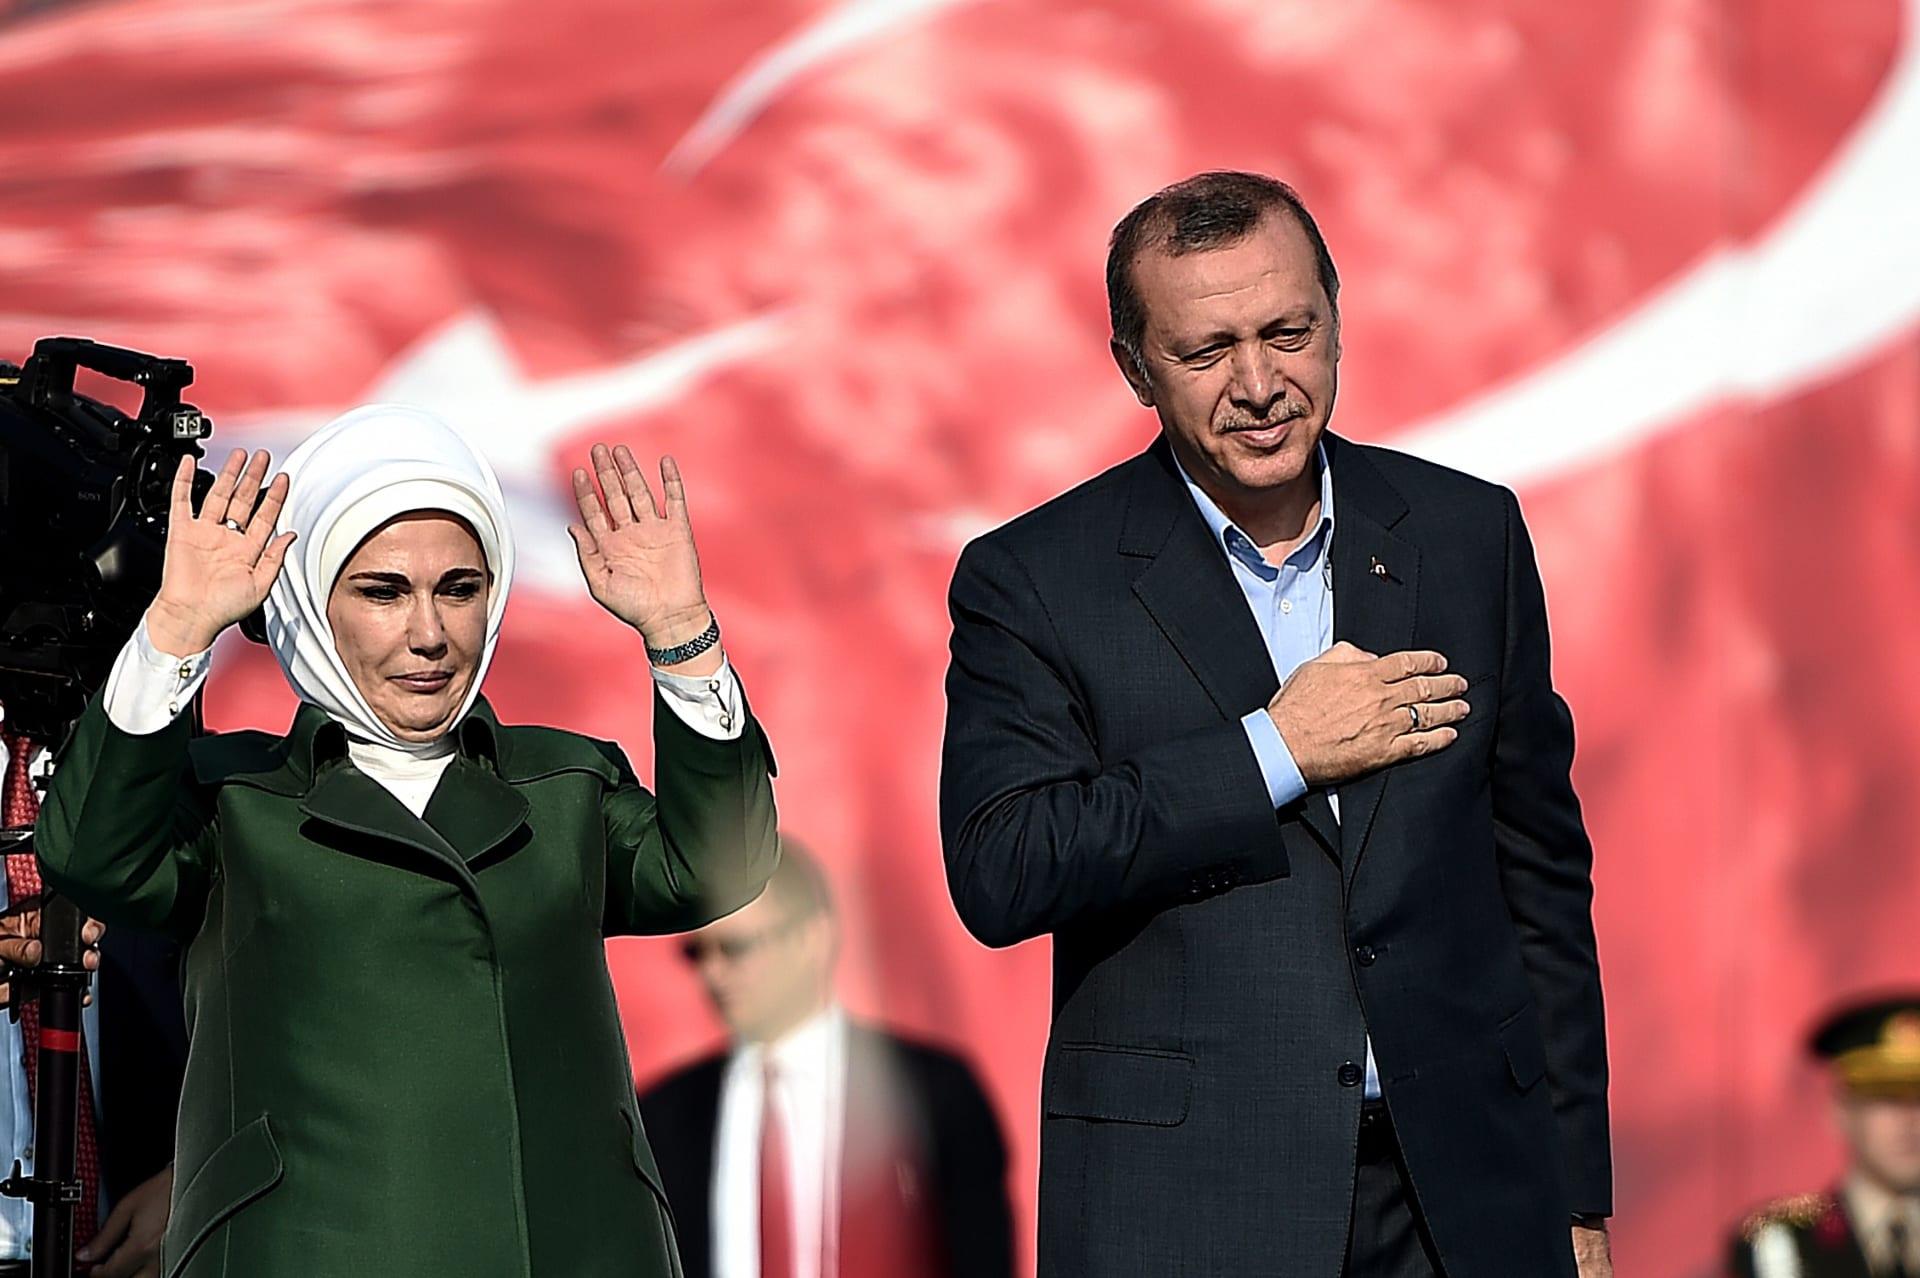 أمينة أردوغان تكتب لـCNN: تركيا لن تترك الروهينغا.. لكن ماذا عن العالم؟